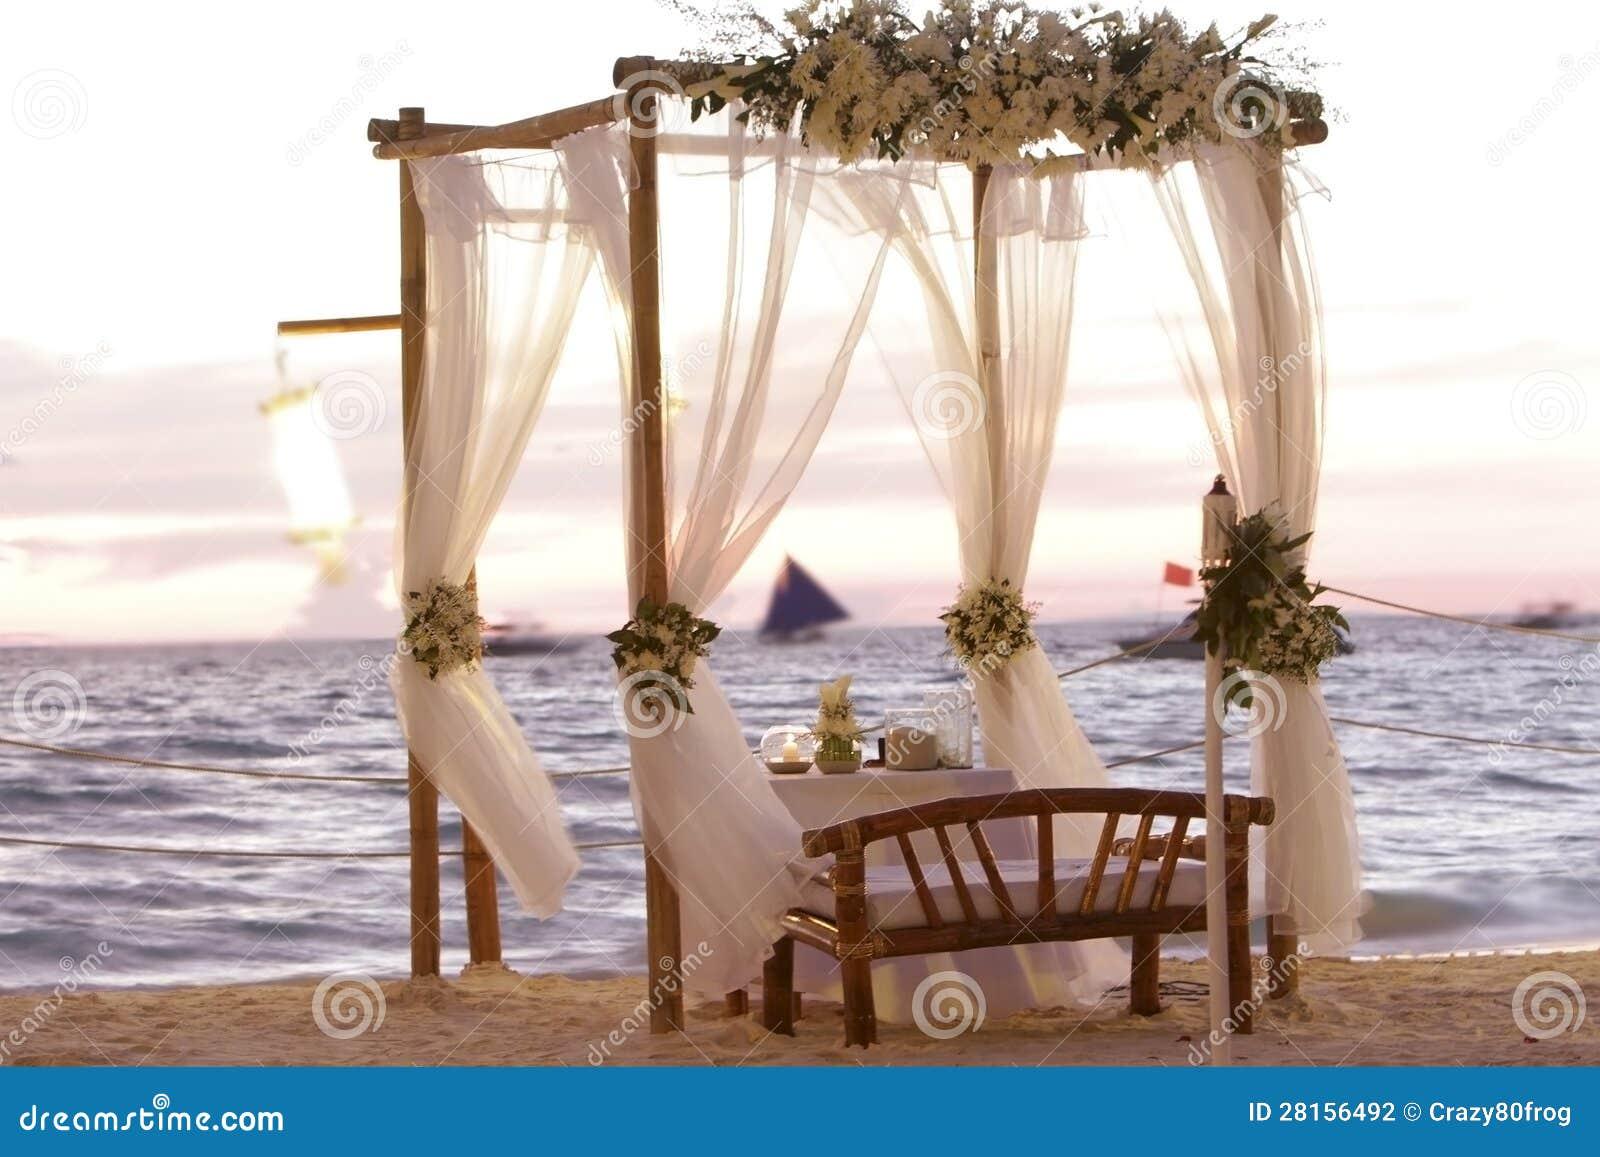 Decoraci n del vector de la boda en la playa fotograf a de - Decoracion boda playa ...